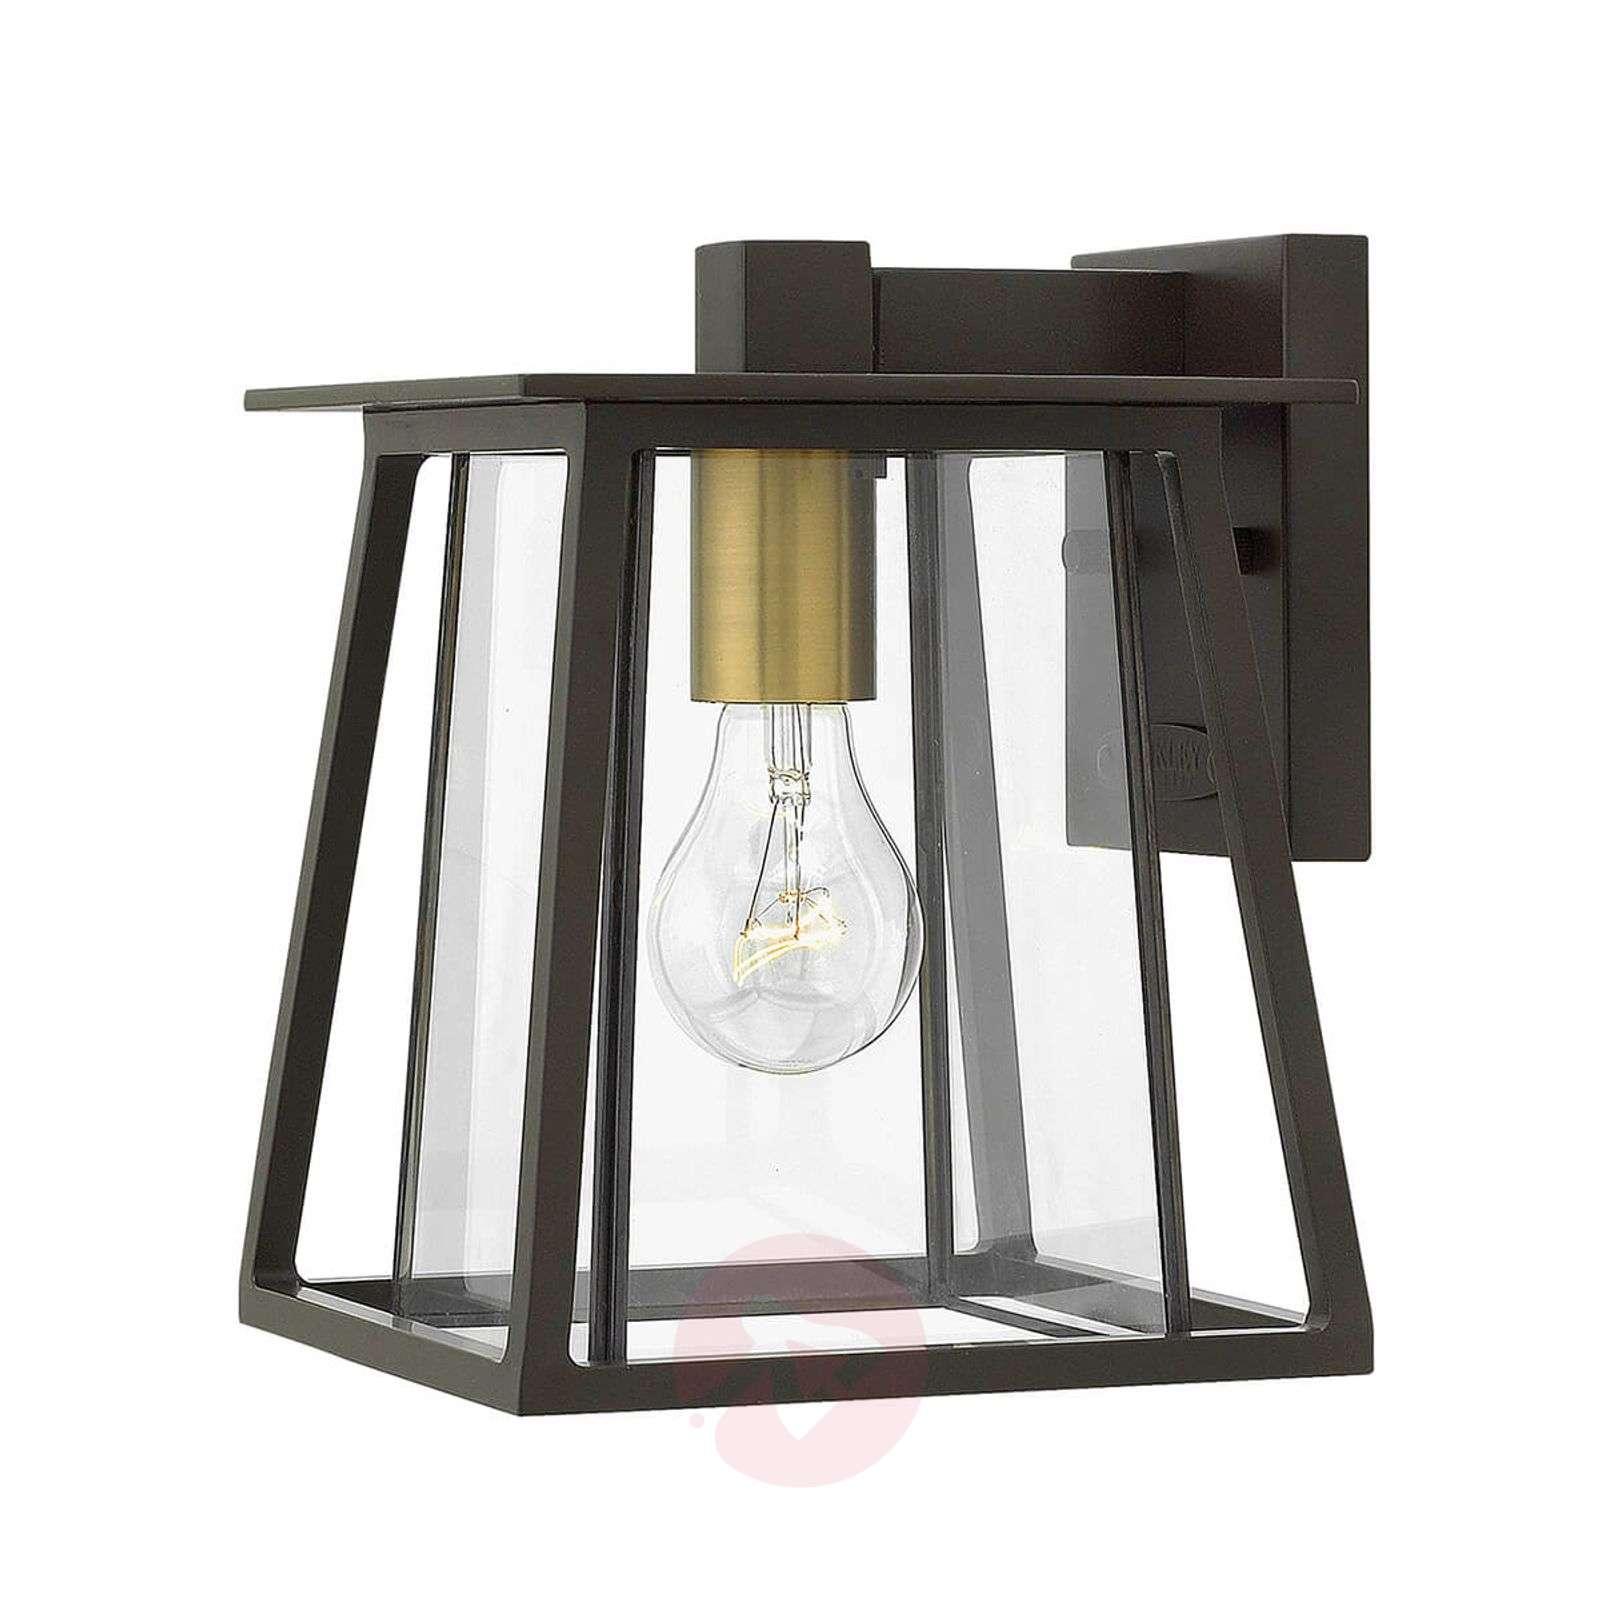 Walker-ulkoseinävalaisin 1-lamppuinen – pieni-3048816-01